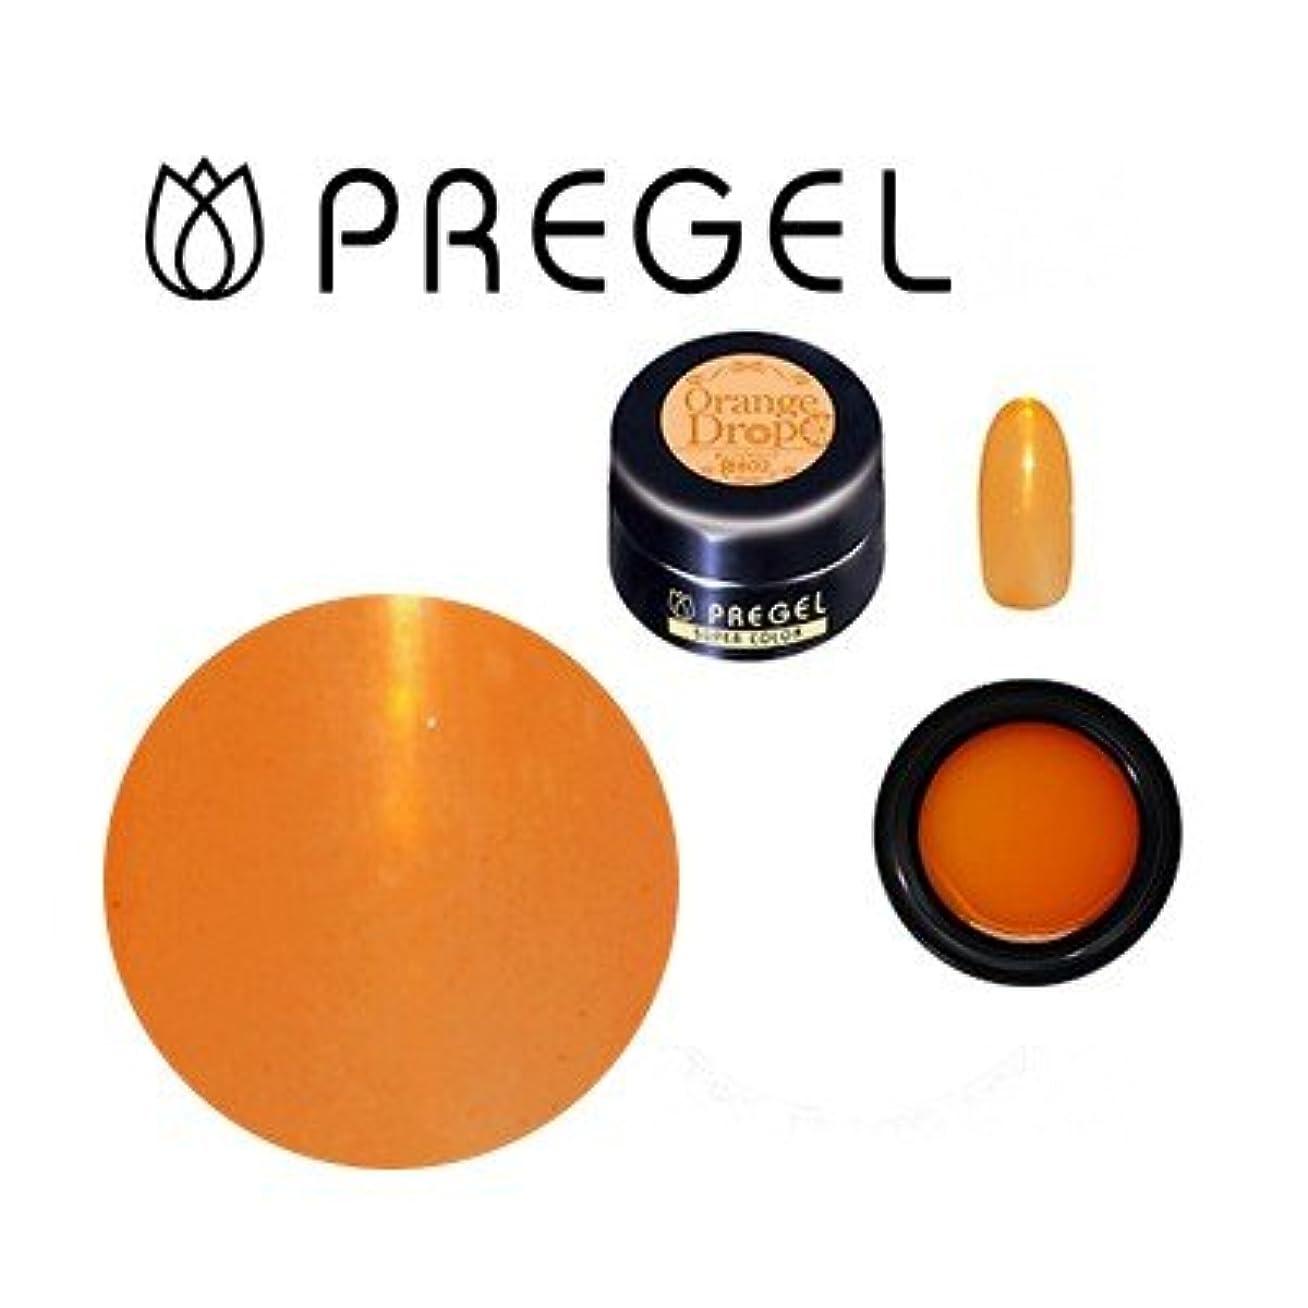 意識的静かな顎プリジェル ジェルネイル スーパーカラーEXオレンジドロップ802